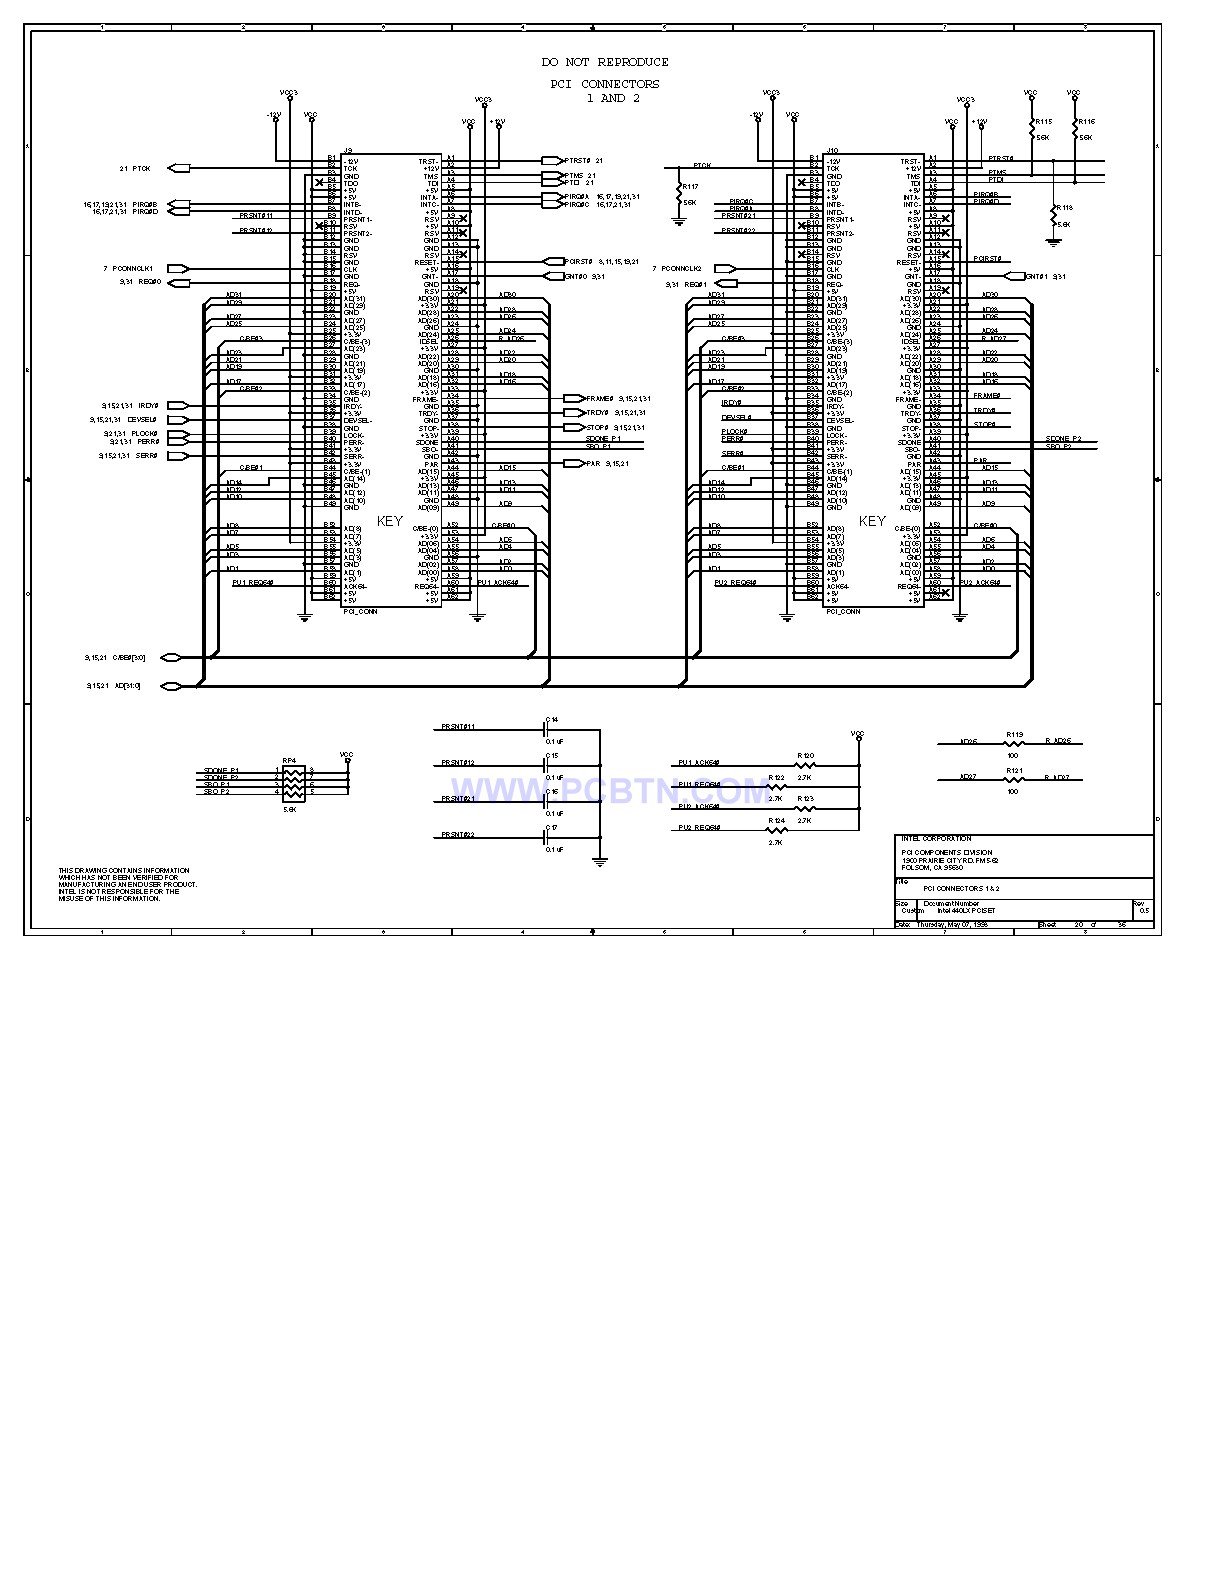 电脑主板设计图440LX[_]20